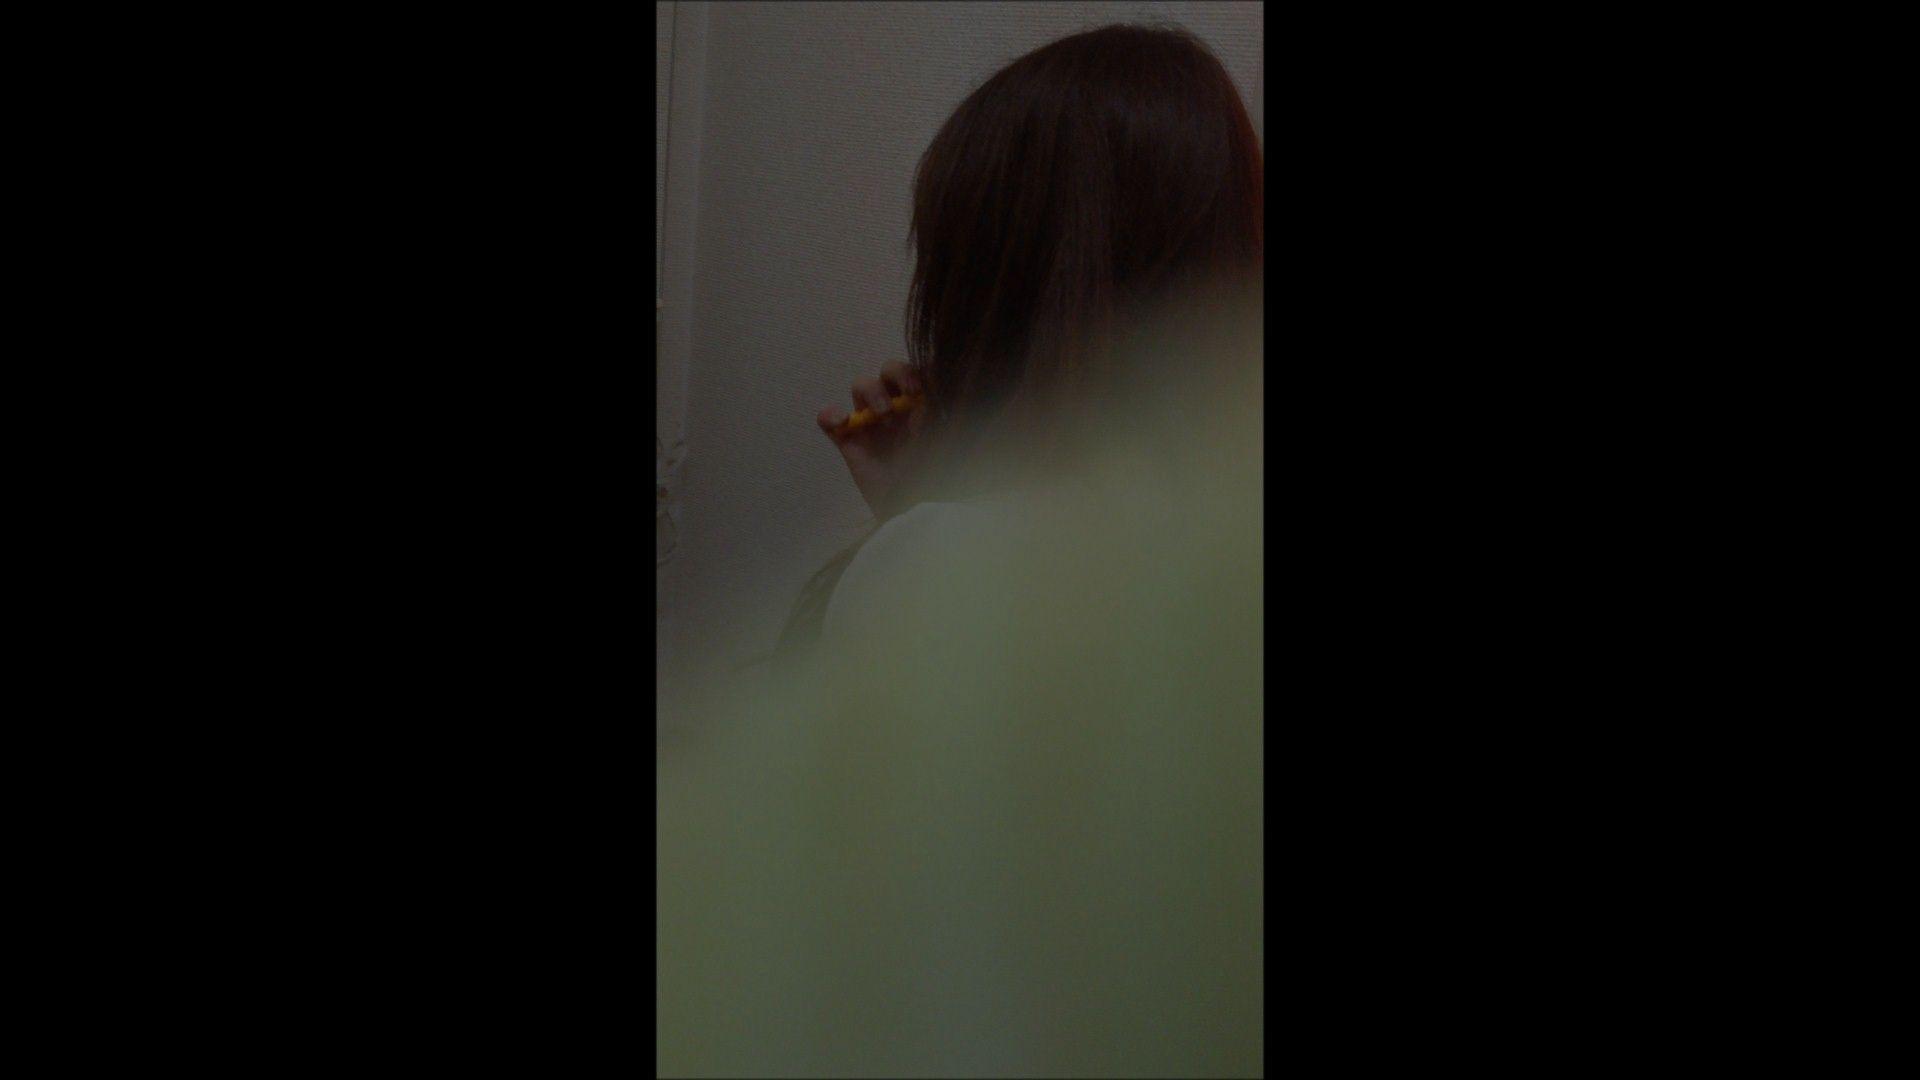 08(8日目)メイク中の彼女の顔を撮りました! いやらしいOL  51連発 44